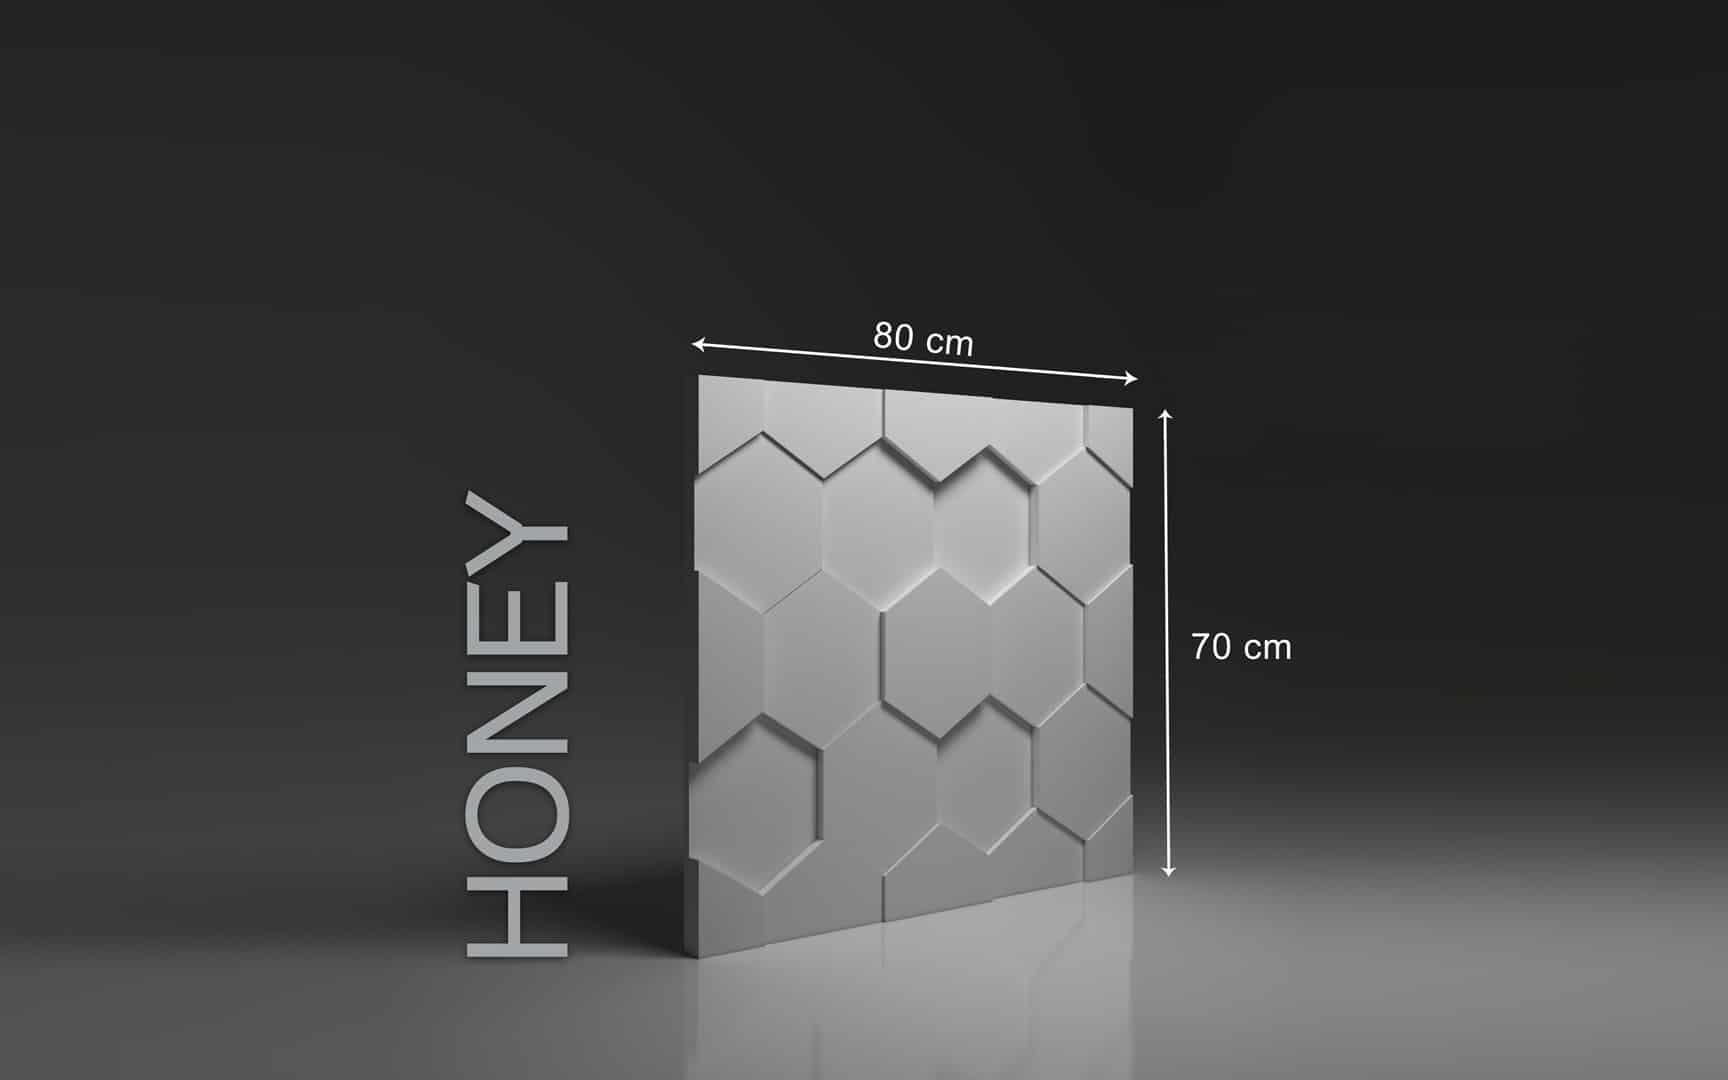 HONEY DIMENSIONS : hauteur 80 x largeur 70 cm ÉPAISSEUR : de 1,5 cm à 3,5 cm  POIDS : environ 12 kg